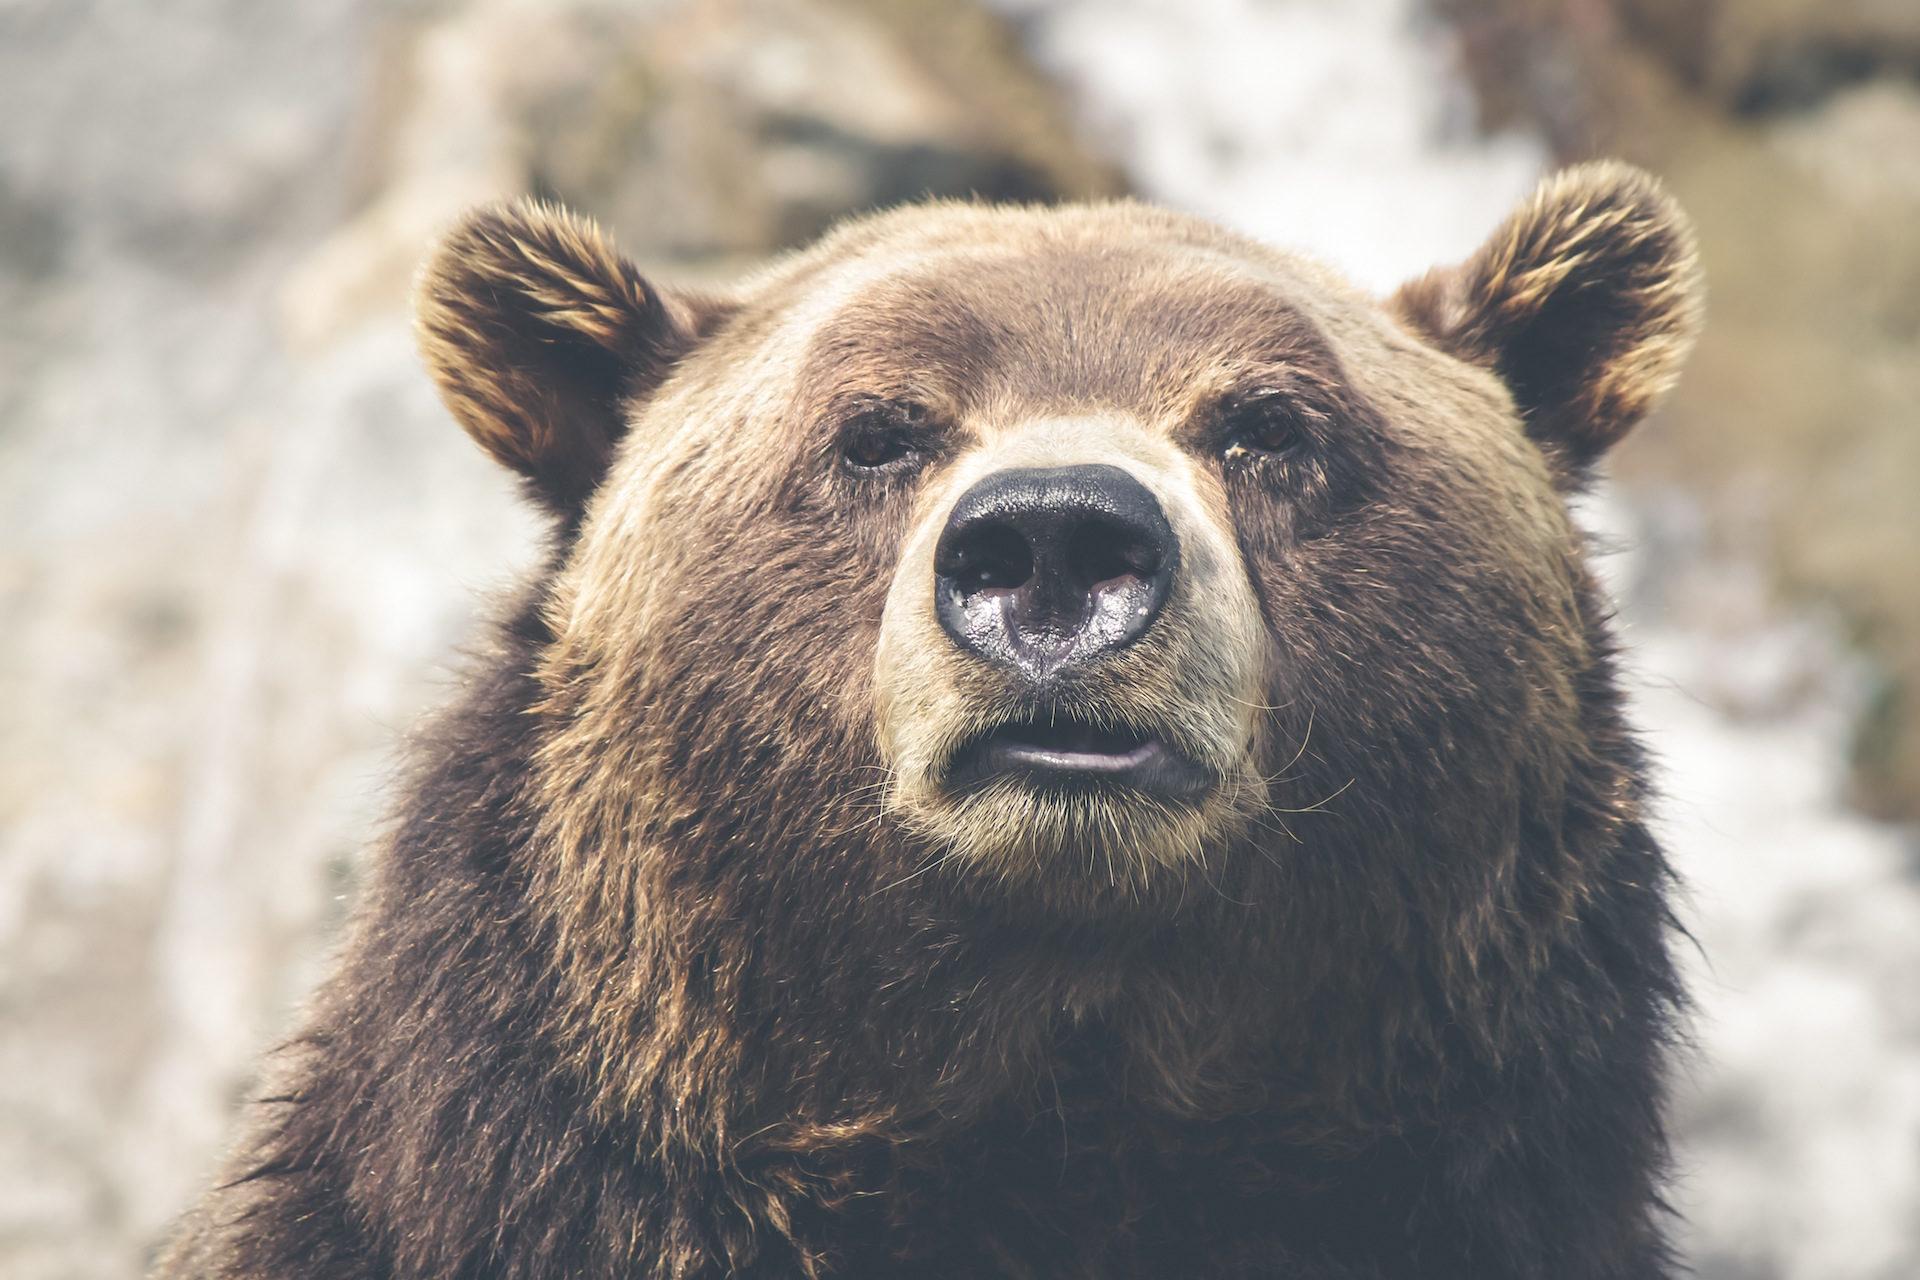 orso, Pardo, sguardo, muso, Selvaggio - Sfondi HD - Professor-falken.com